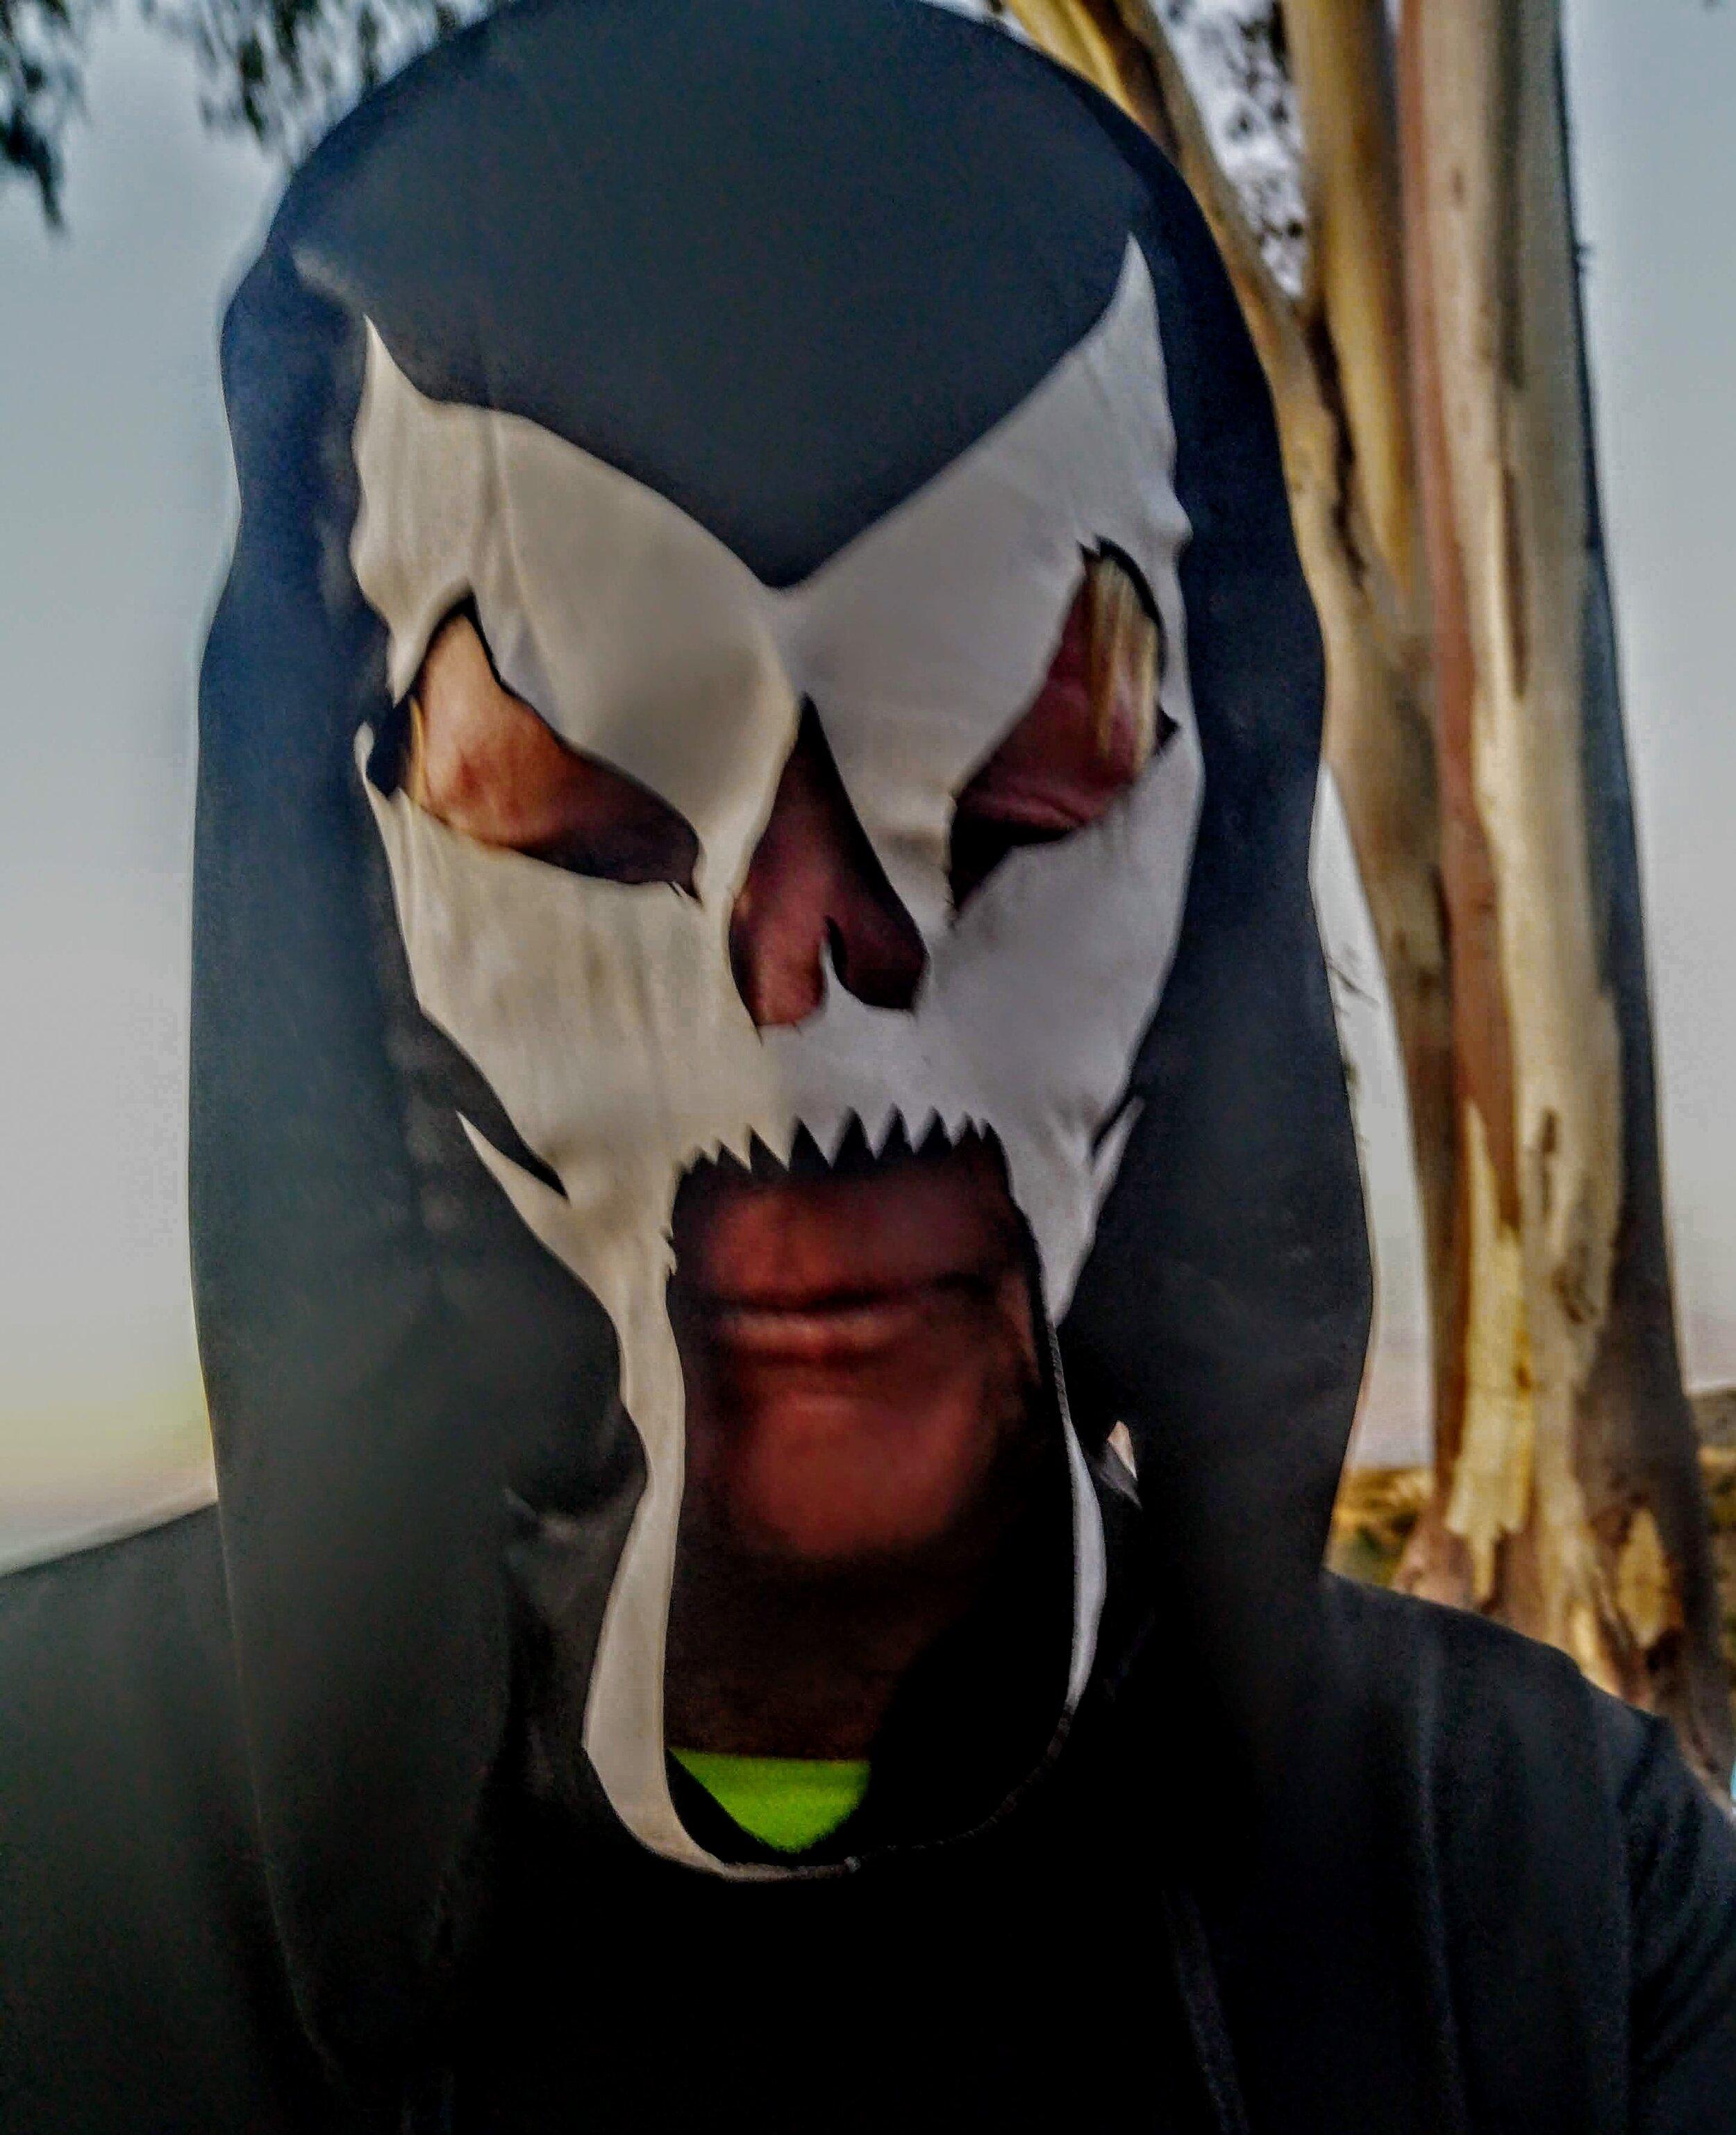 Hash Flash - Master Bates- Run 1663 - 27 Oct 2019 - Photo 19.jpg